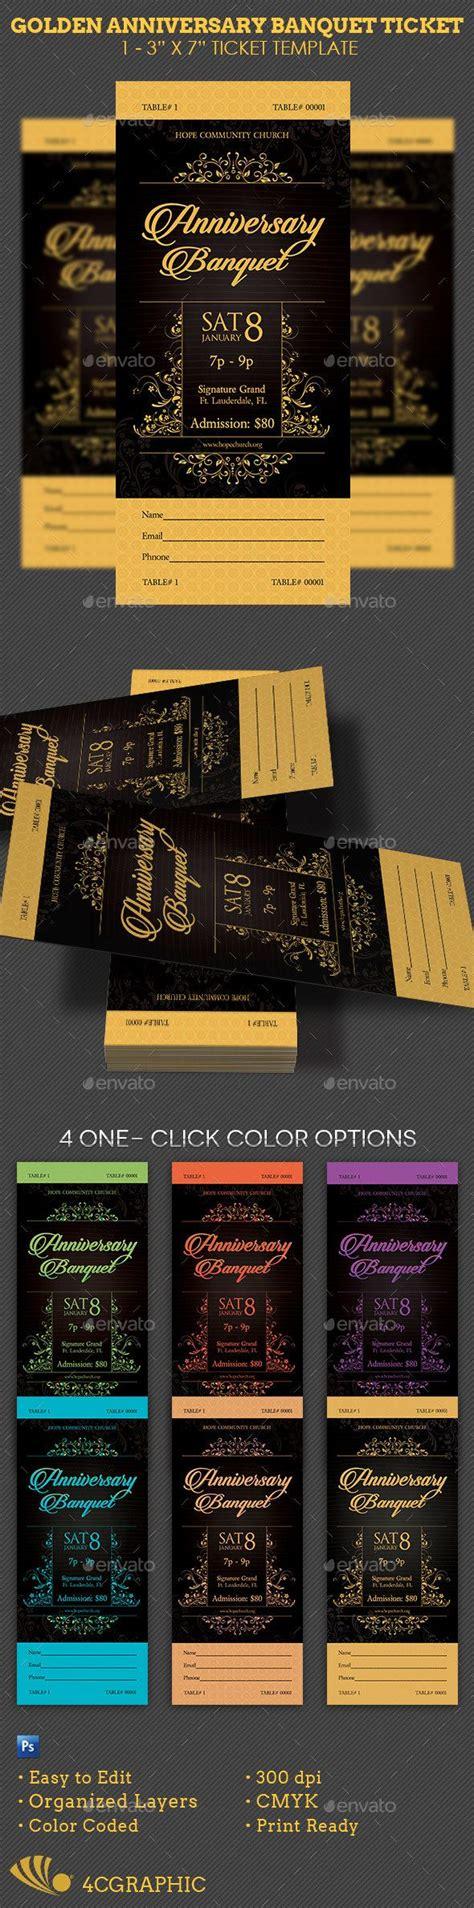 polar express golden ticket template 25 best ideas about golden ticket template on